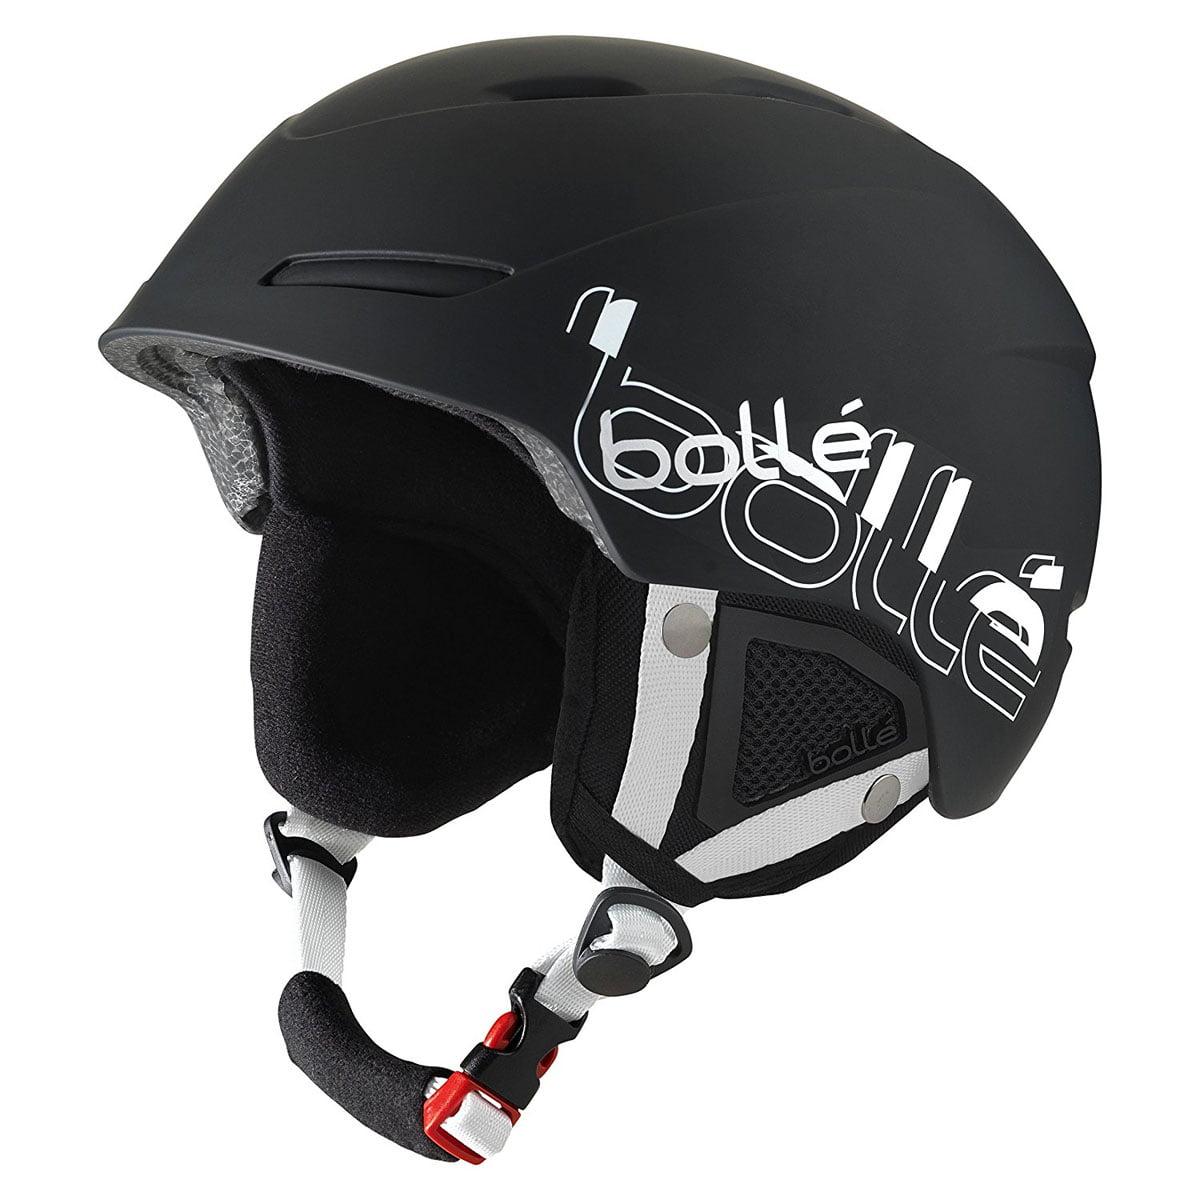 Bolle B-Yond Ski Helmet Black & White by Bolle